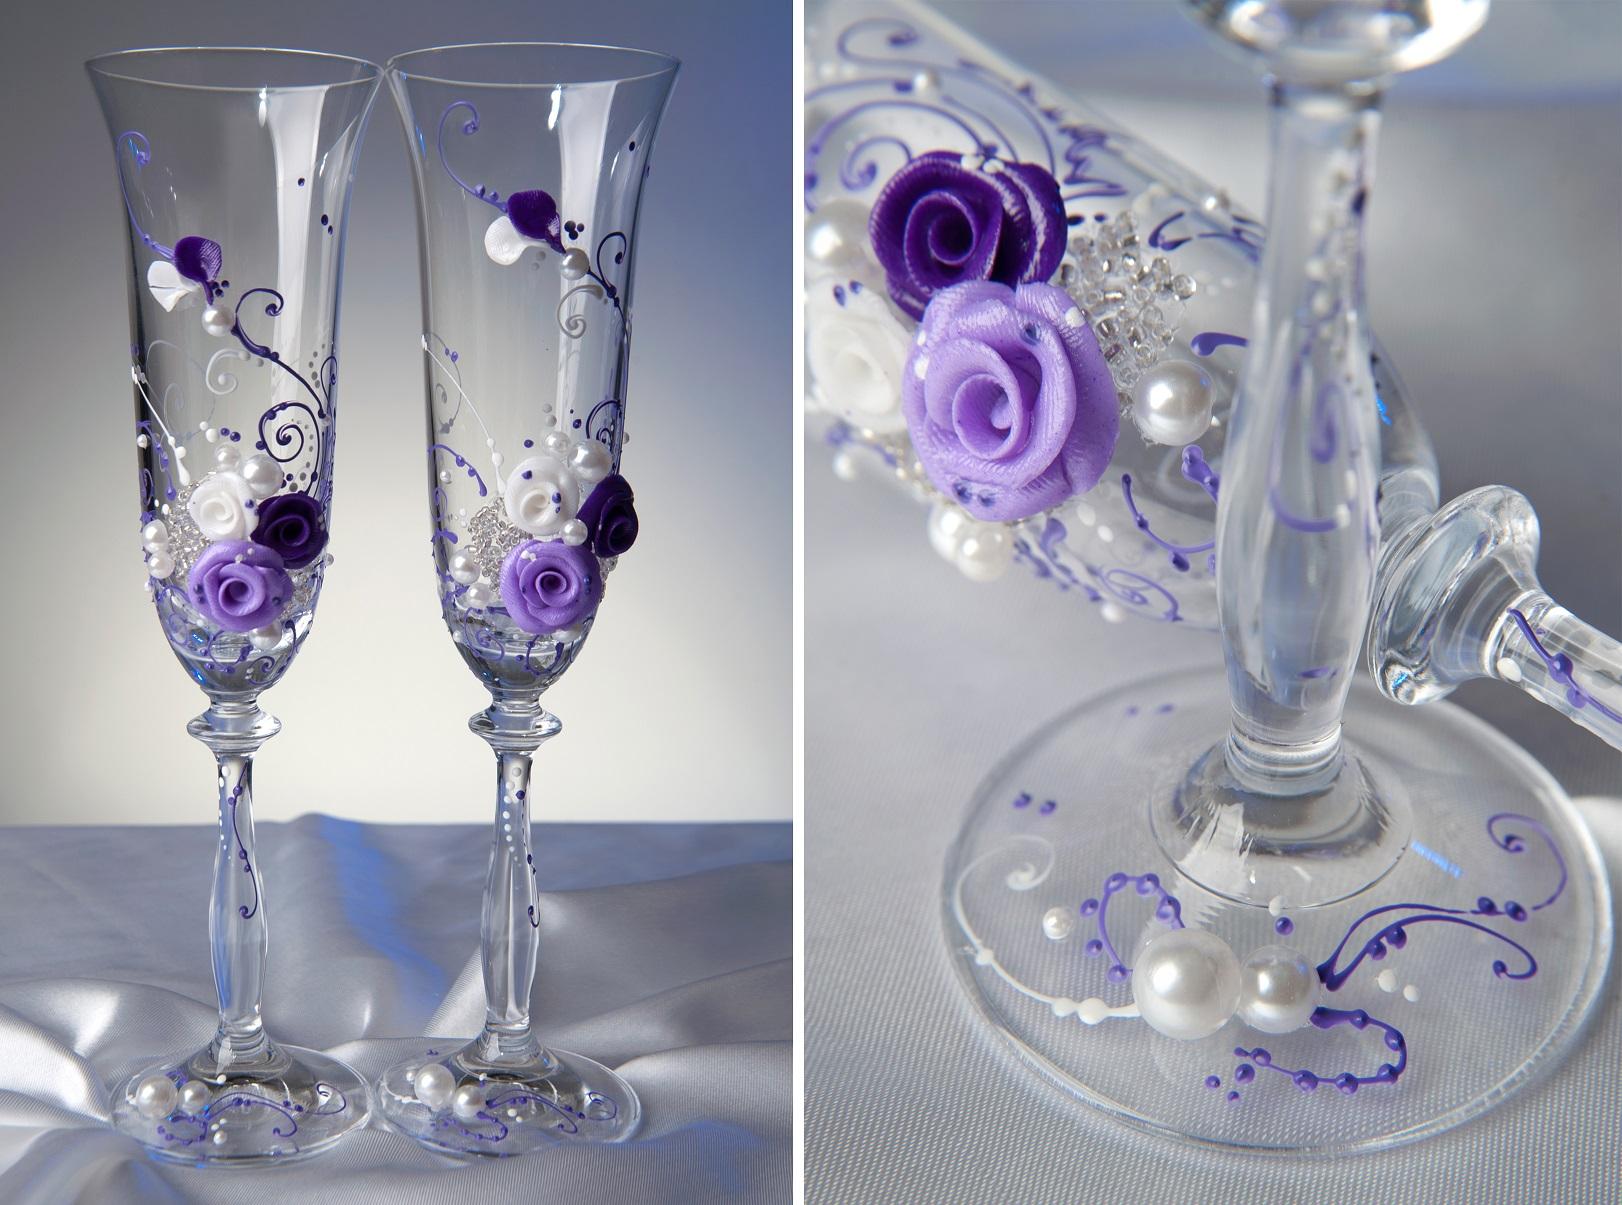 Как украсить хрустальные бокалы на свадьбу своими руками фото 64